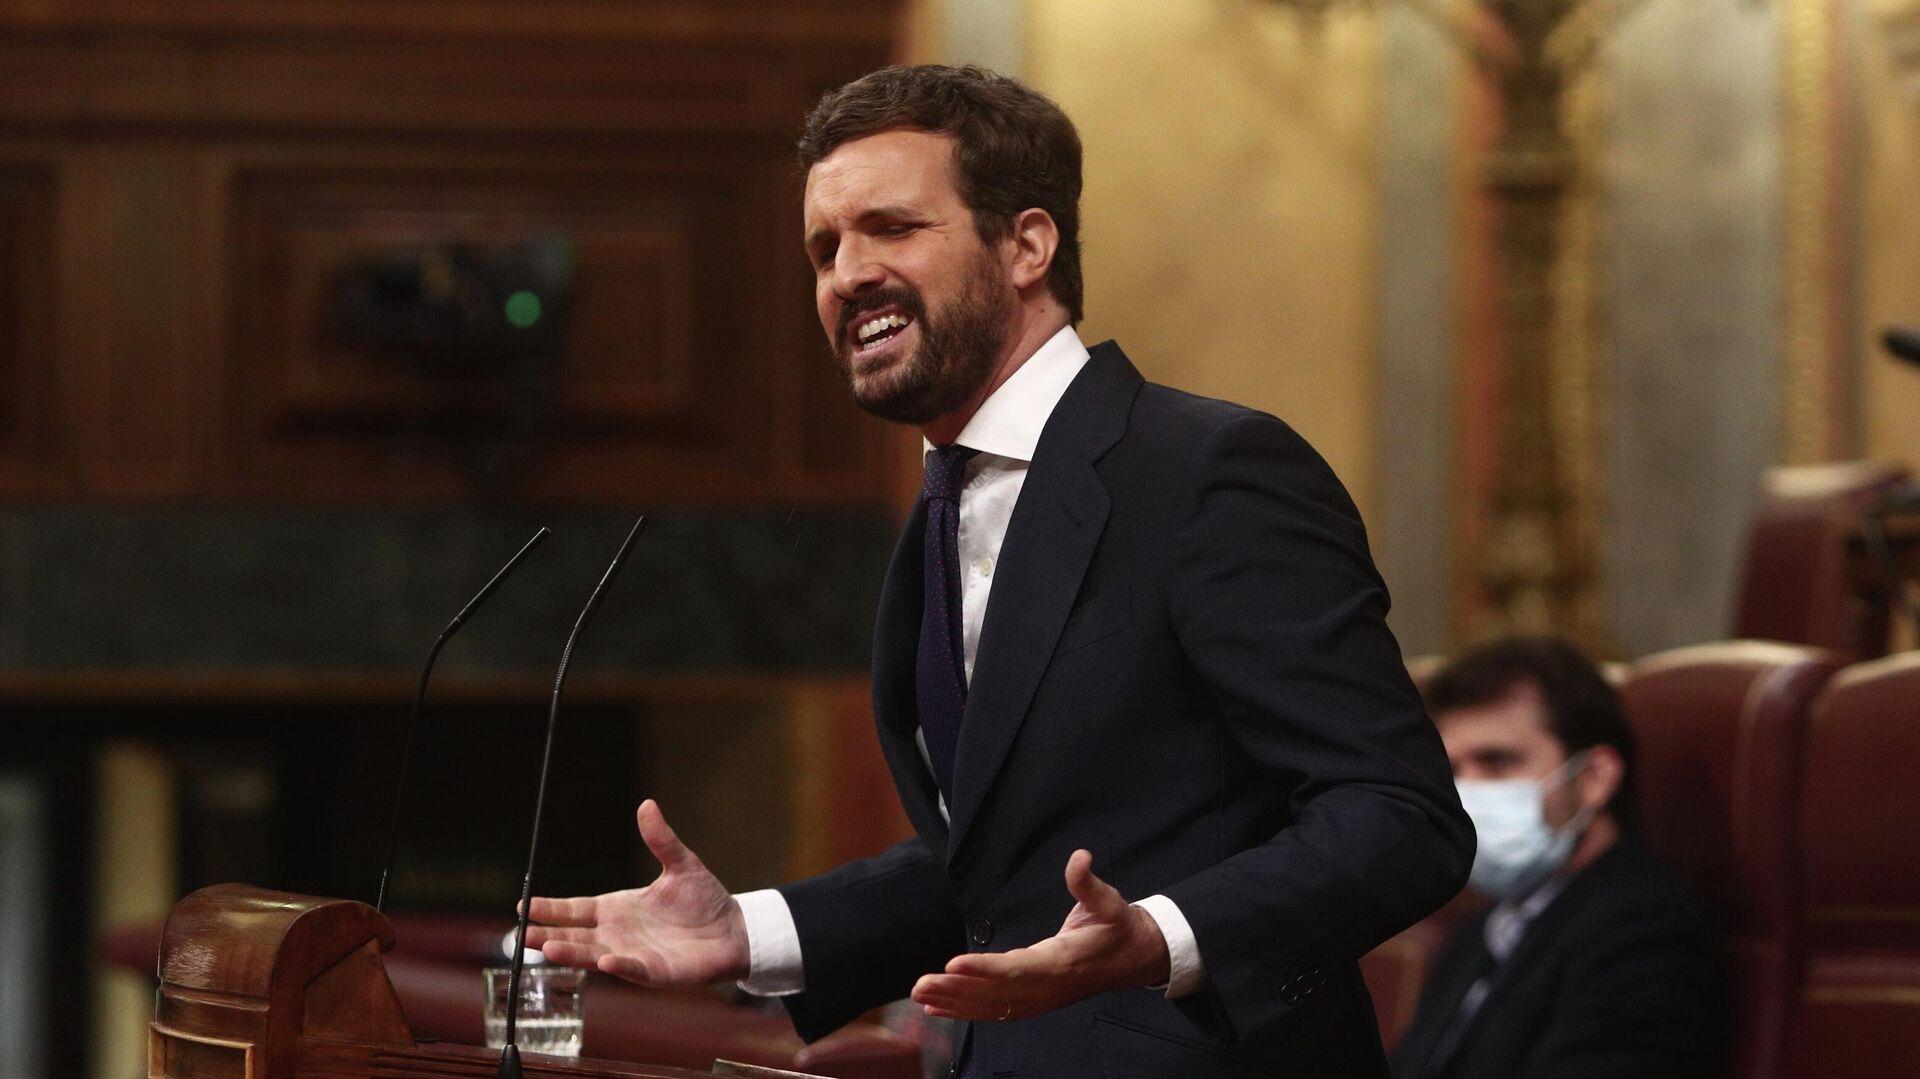 El líder del PP, Pablo Casado, en el Congreso de los Diputados. 14 de abril de 2021 - Sputnik Mundo, 1920, 14.04.2021